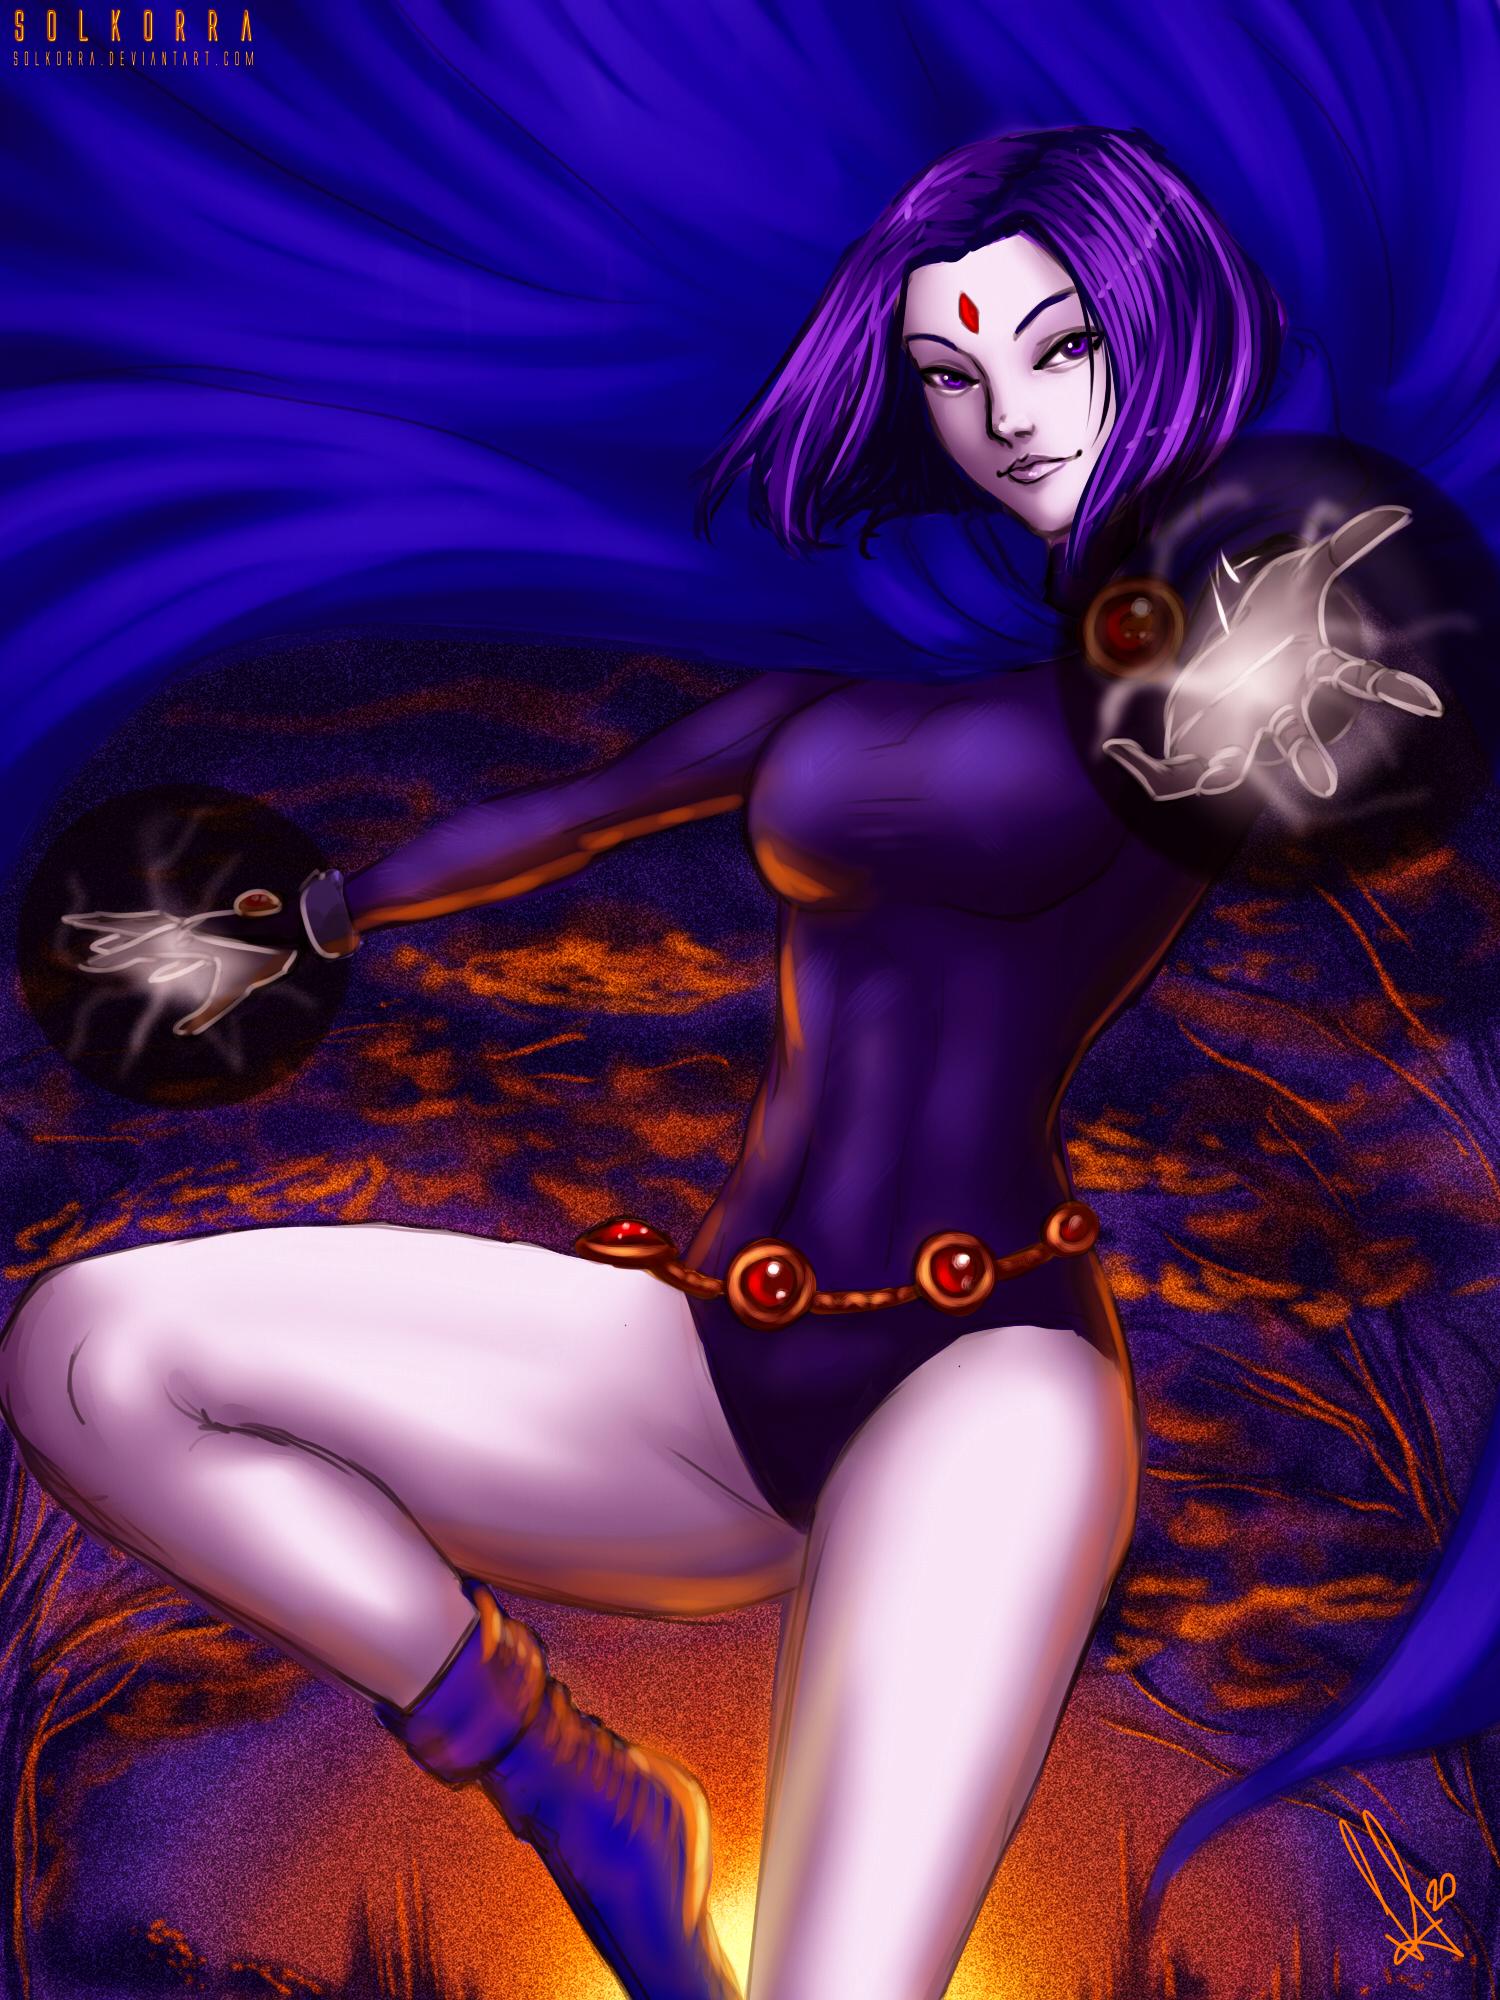 Raven by SolKorra